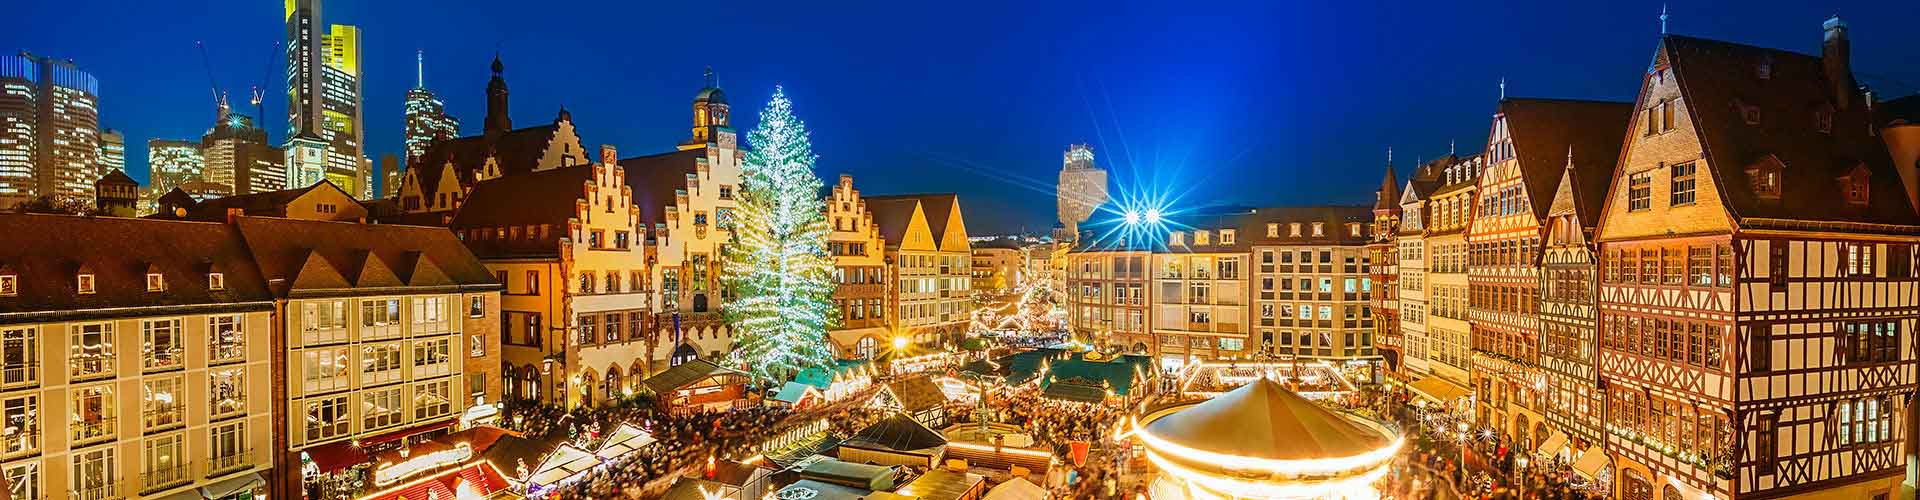 Frankfurt - Albergues baratos en Frankfurt. Mapas de Frankfurt, Fotos y Comentarios para cada hotel en Frankfurt.